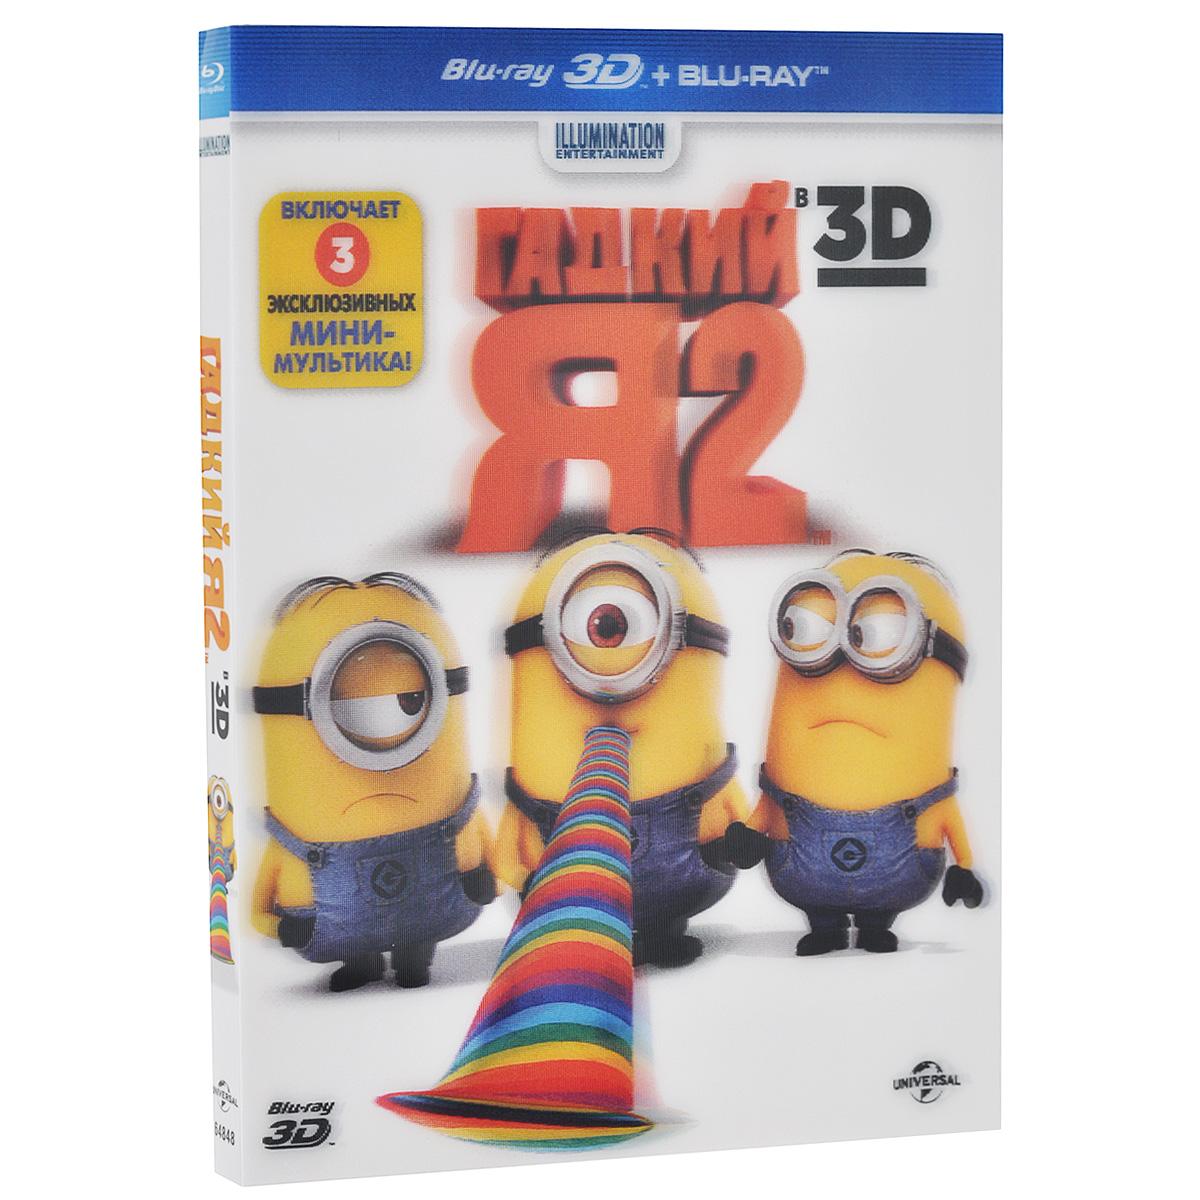 Гадкий Я 2 3D и 2D (2 Blu-ray)